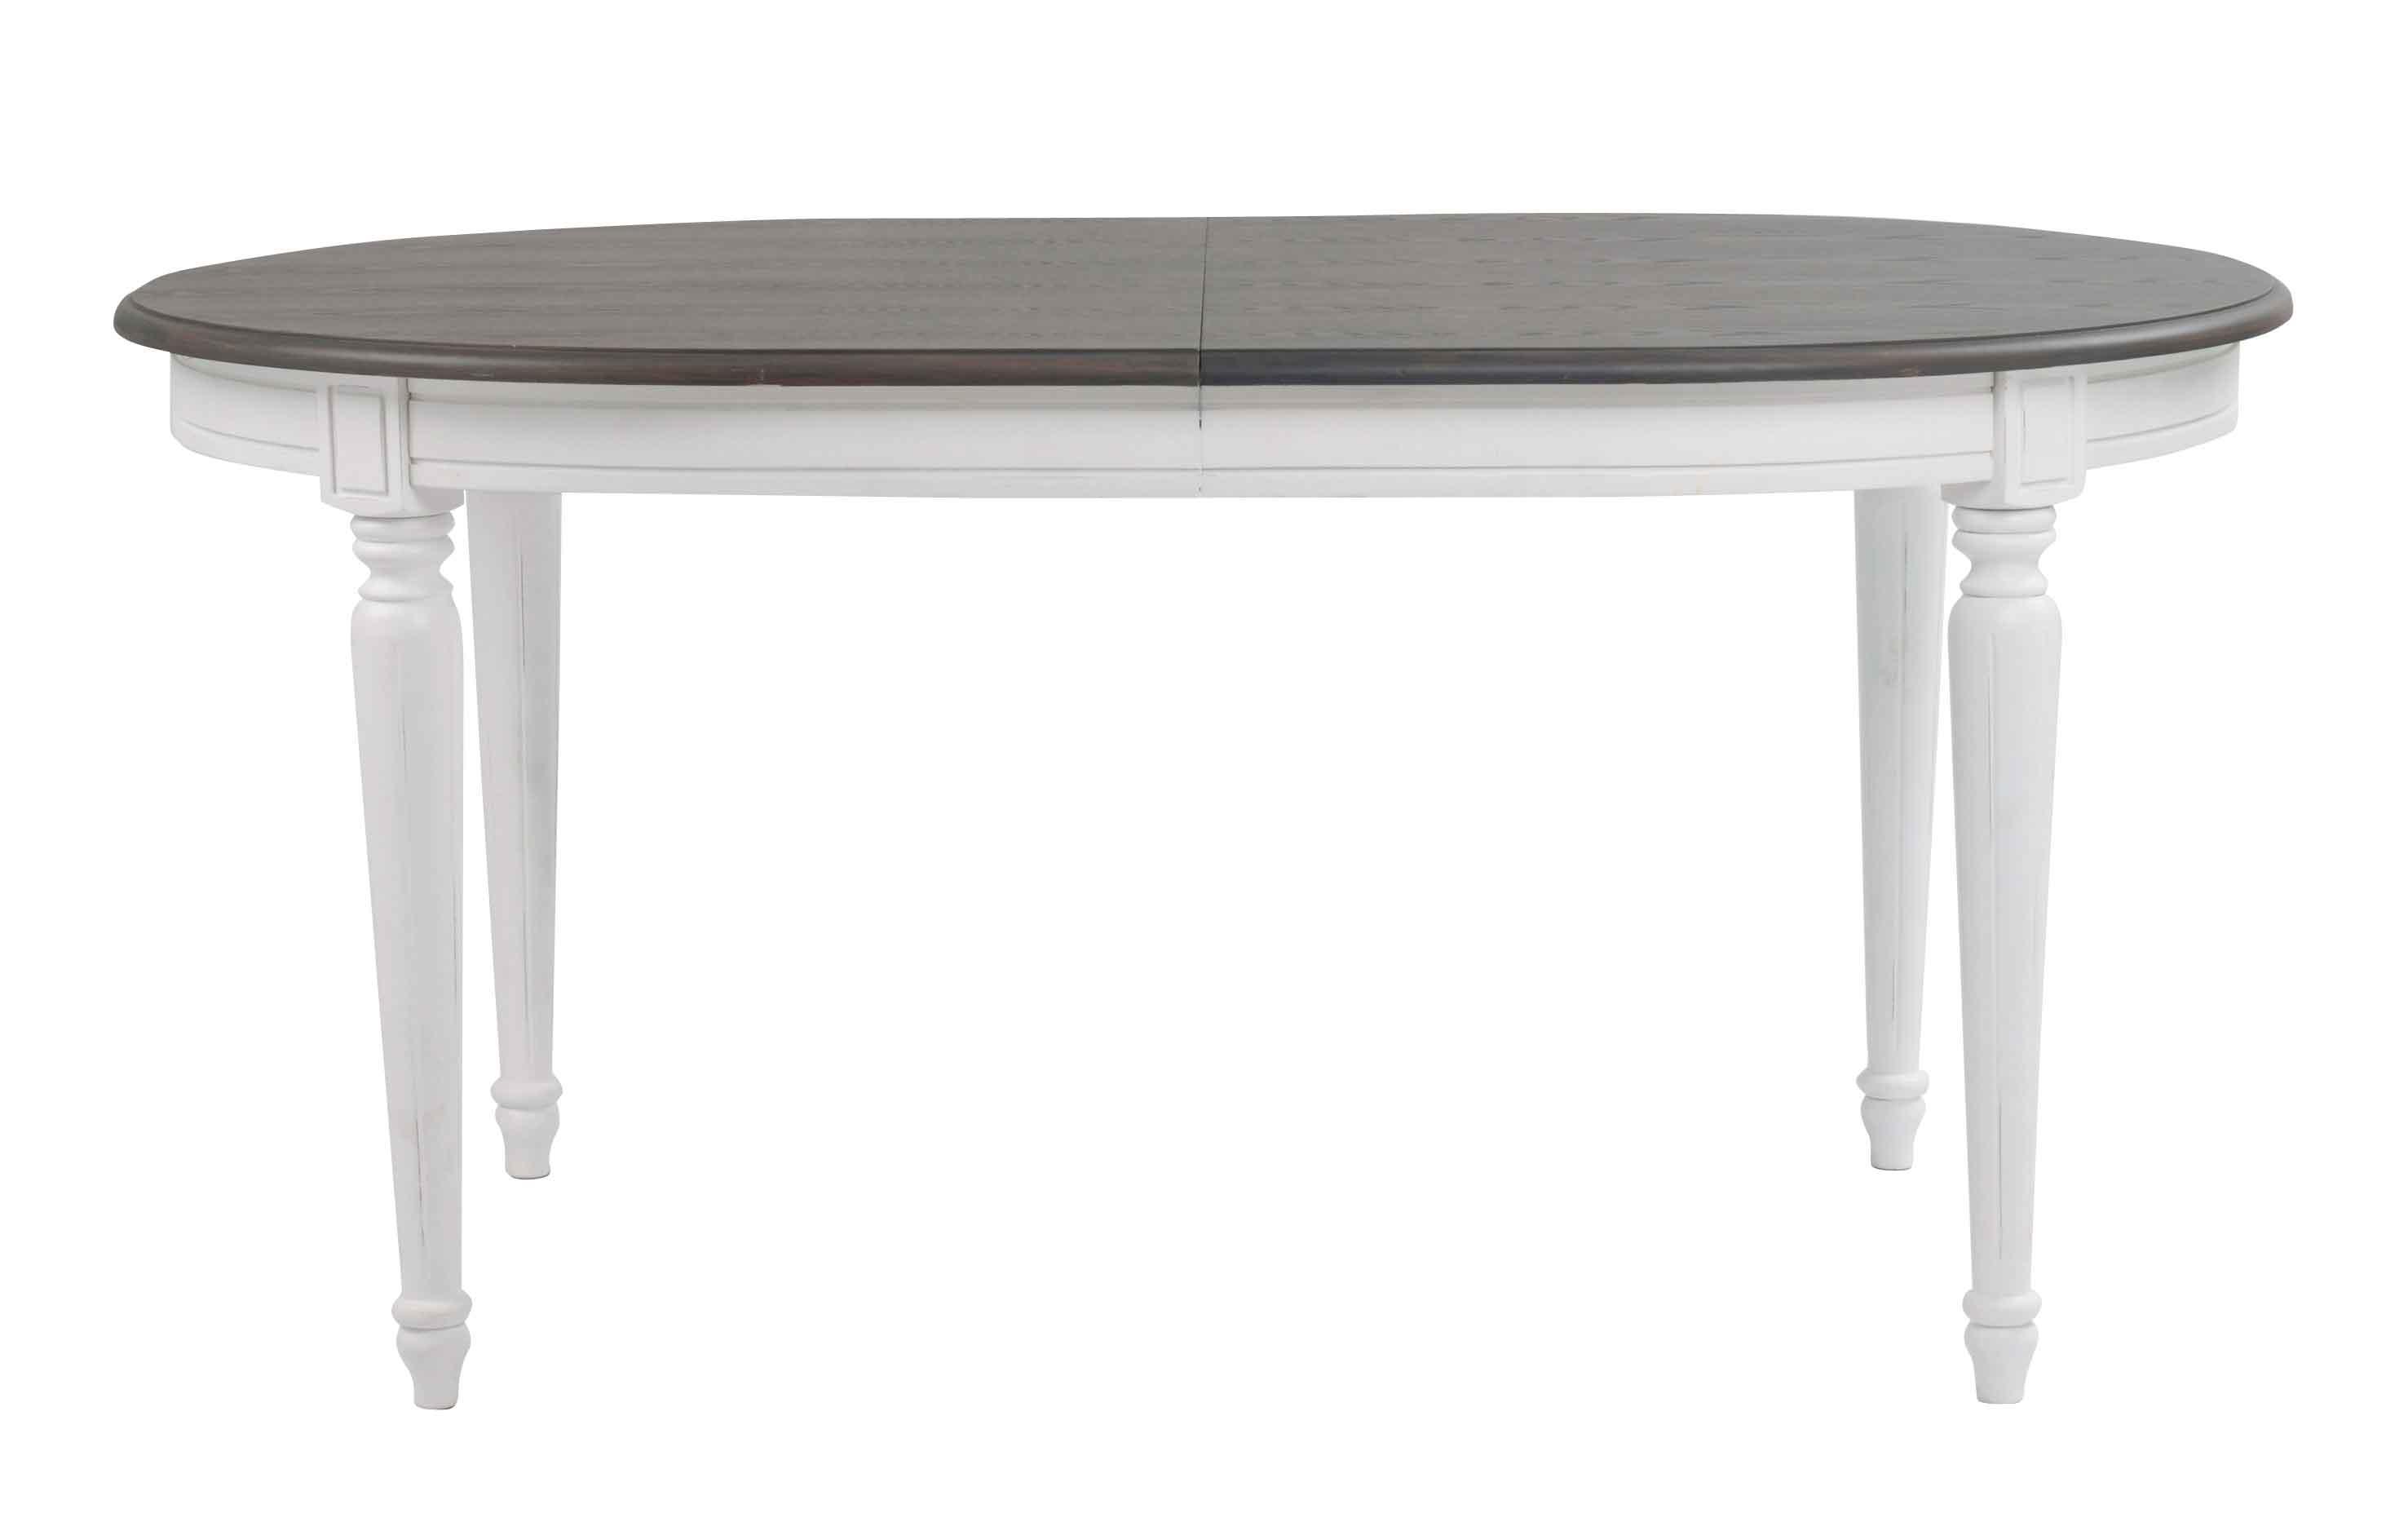 Usædvanlig Rundt Spisebord Med Tillægsplader   Spisebord Ovalt Med Udtræk ZC65